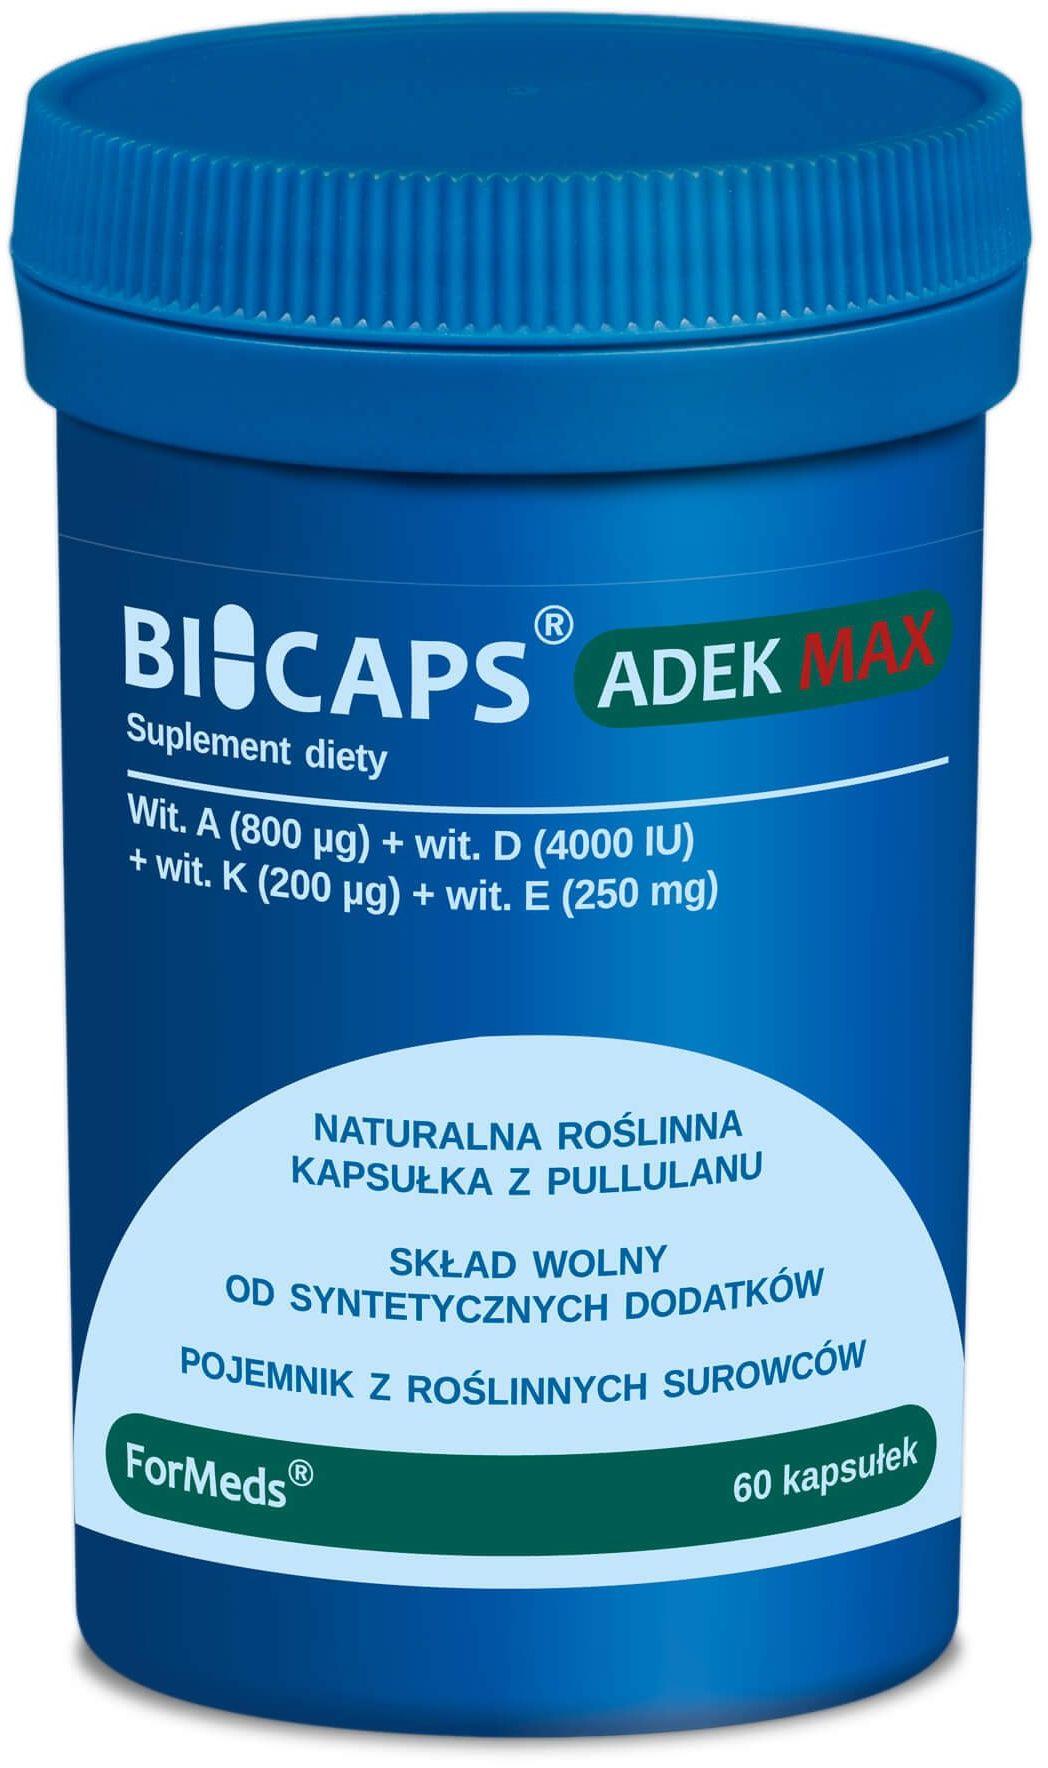 BICAPS ADEK MAX Zestaw Naturalnych Witamin (60 kaps) ForMeds